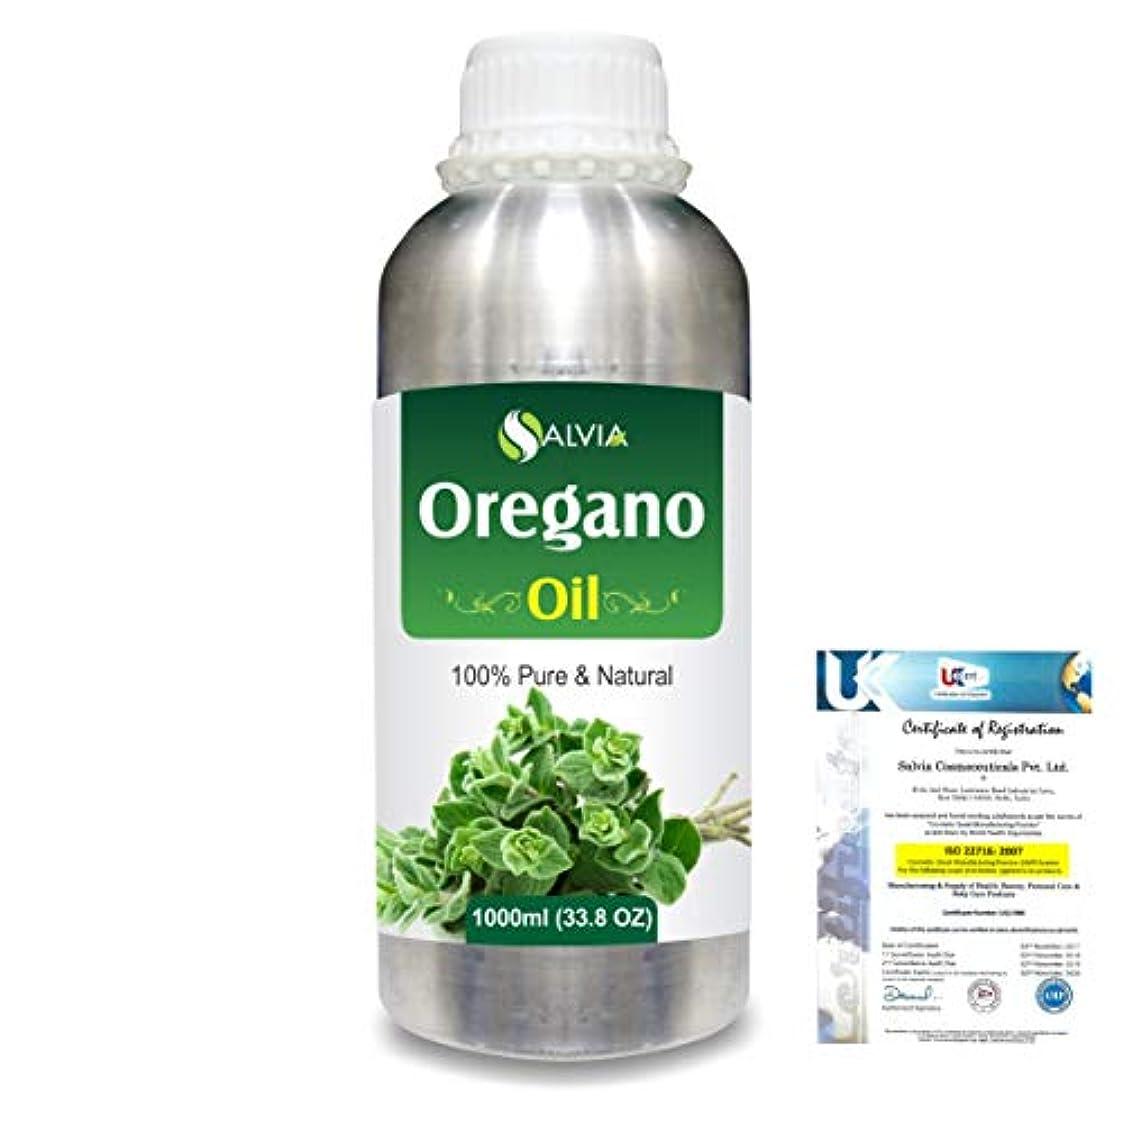 キノコ管理者請求Oregano (Origanum vulgare) 100% Natural Pure Essential Oil 1000ml/33.8fl.oz.